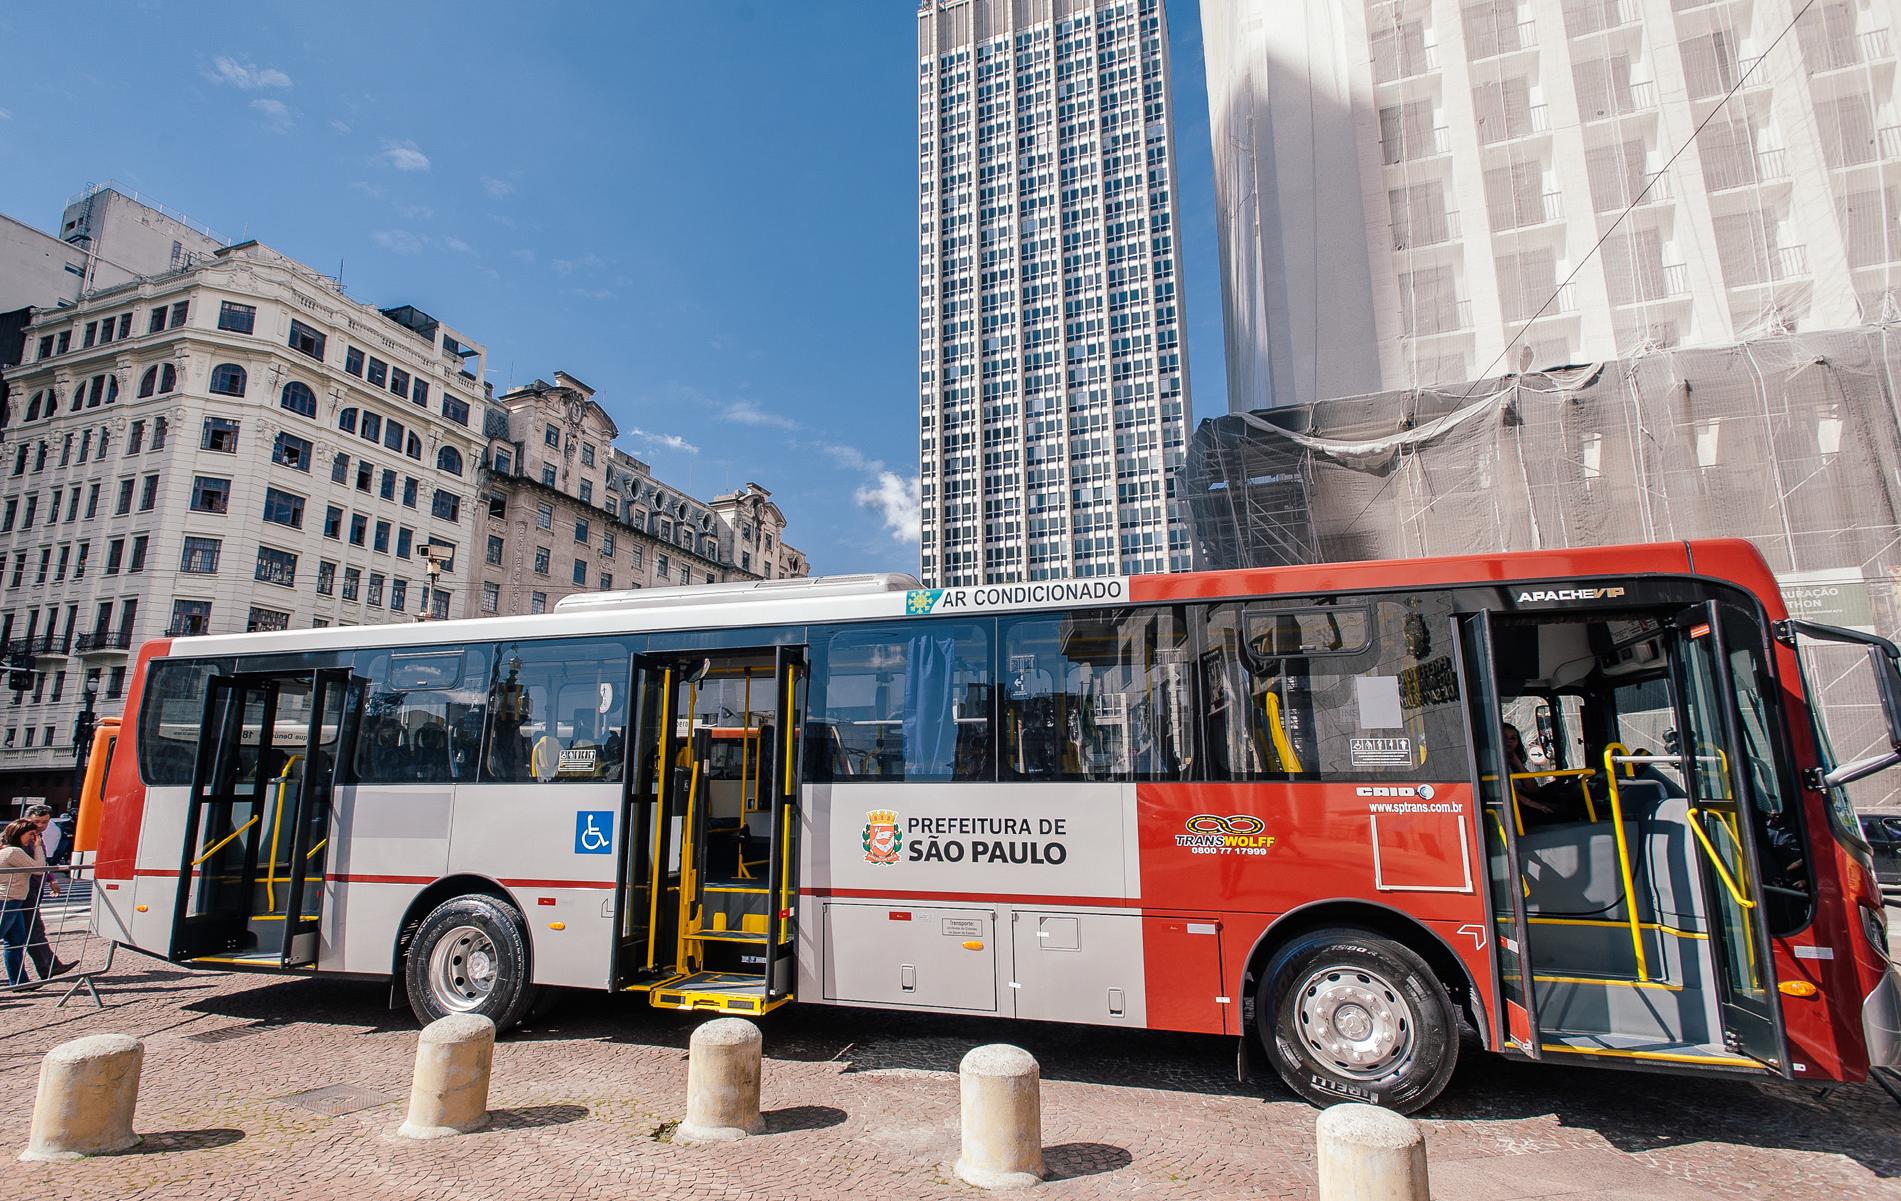 Frota de ônibus é reforçada na cidade de São Paulo